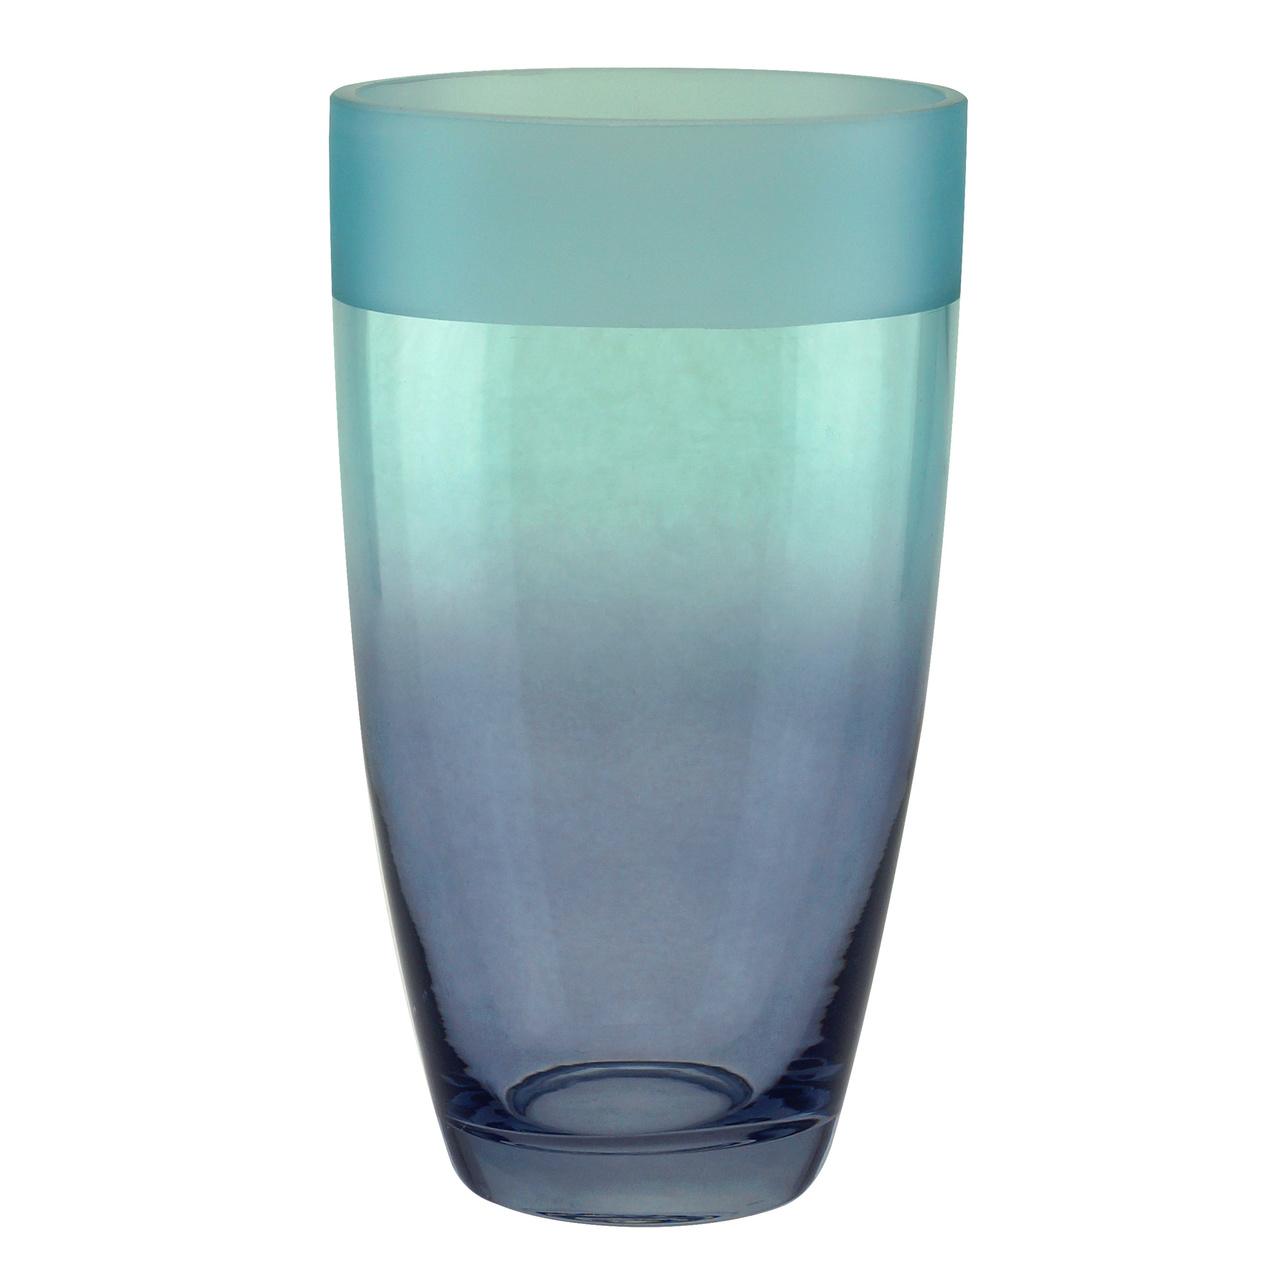 Vaso de Vidro Degrade Azul e Lilas  21cm